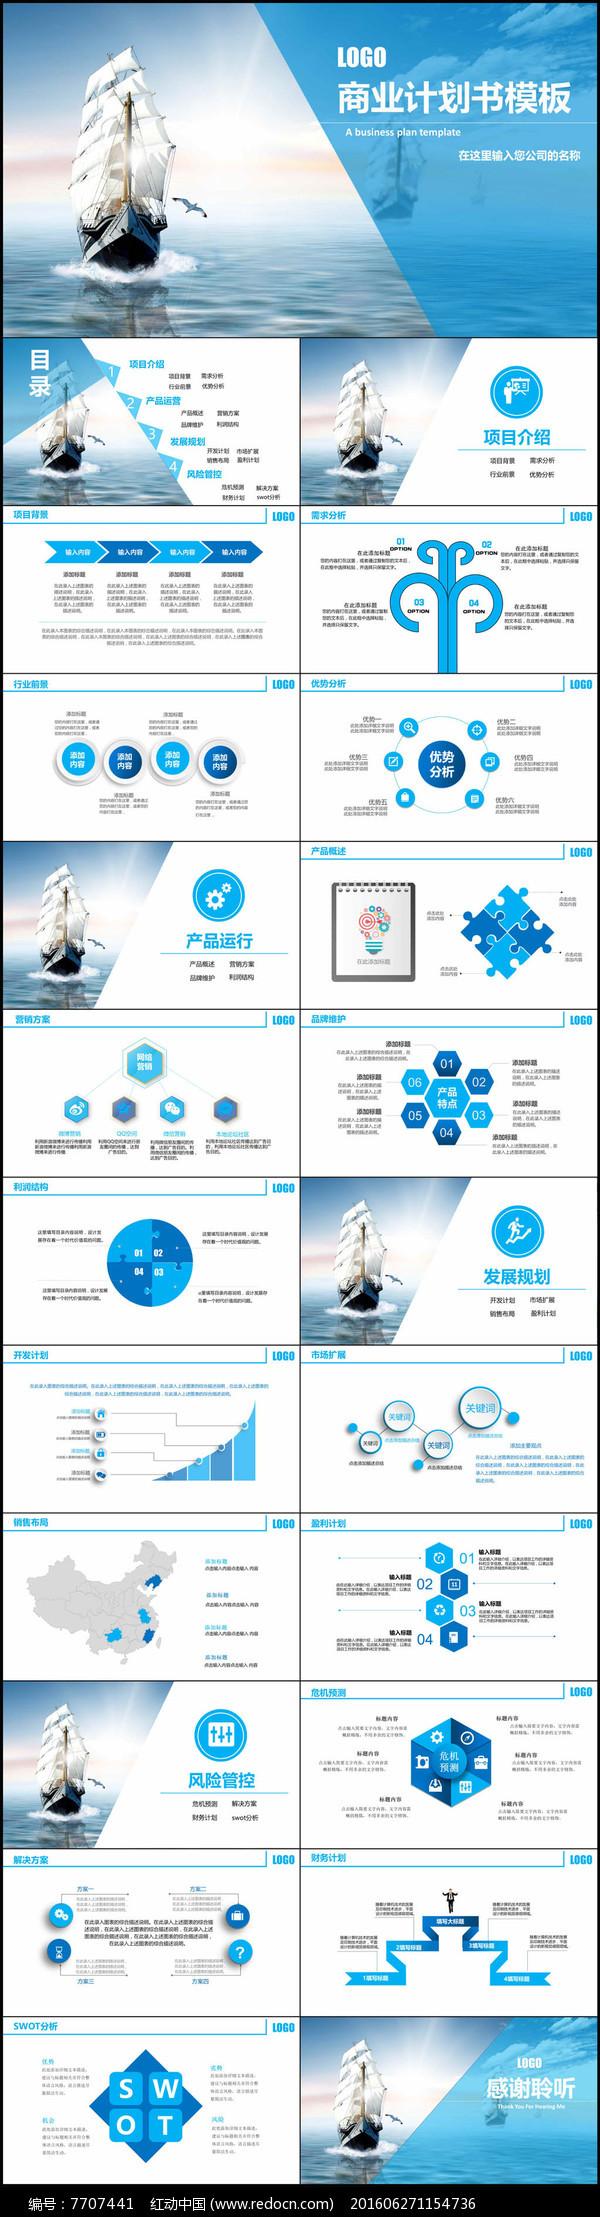 蓝色商务扁平化创业ppt模板下载图片